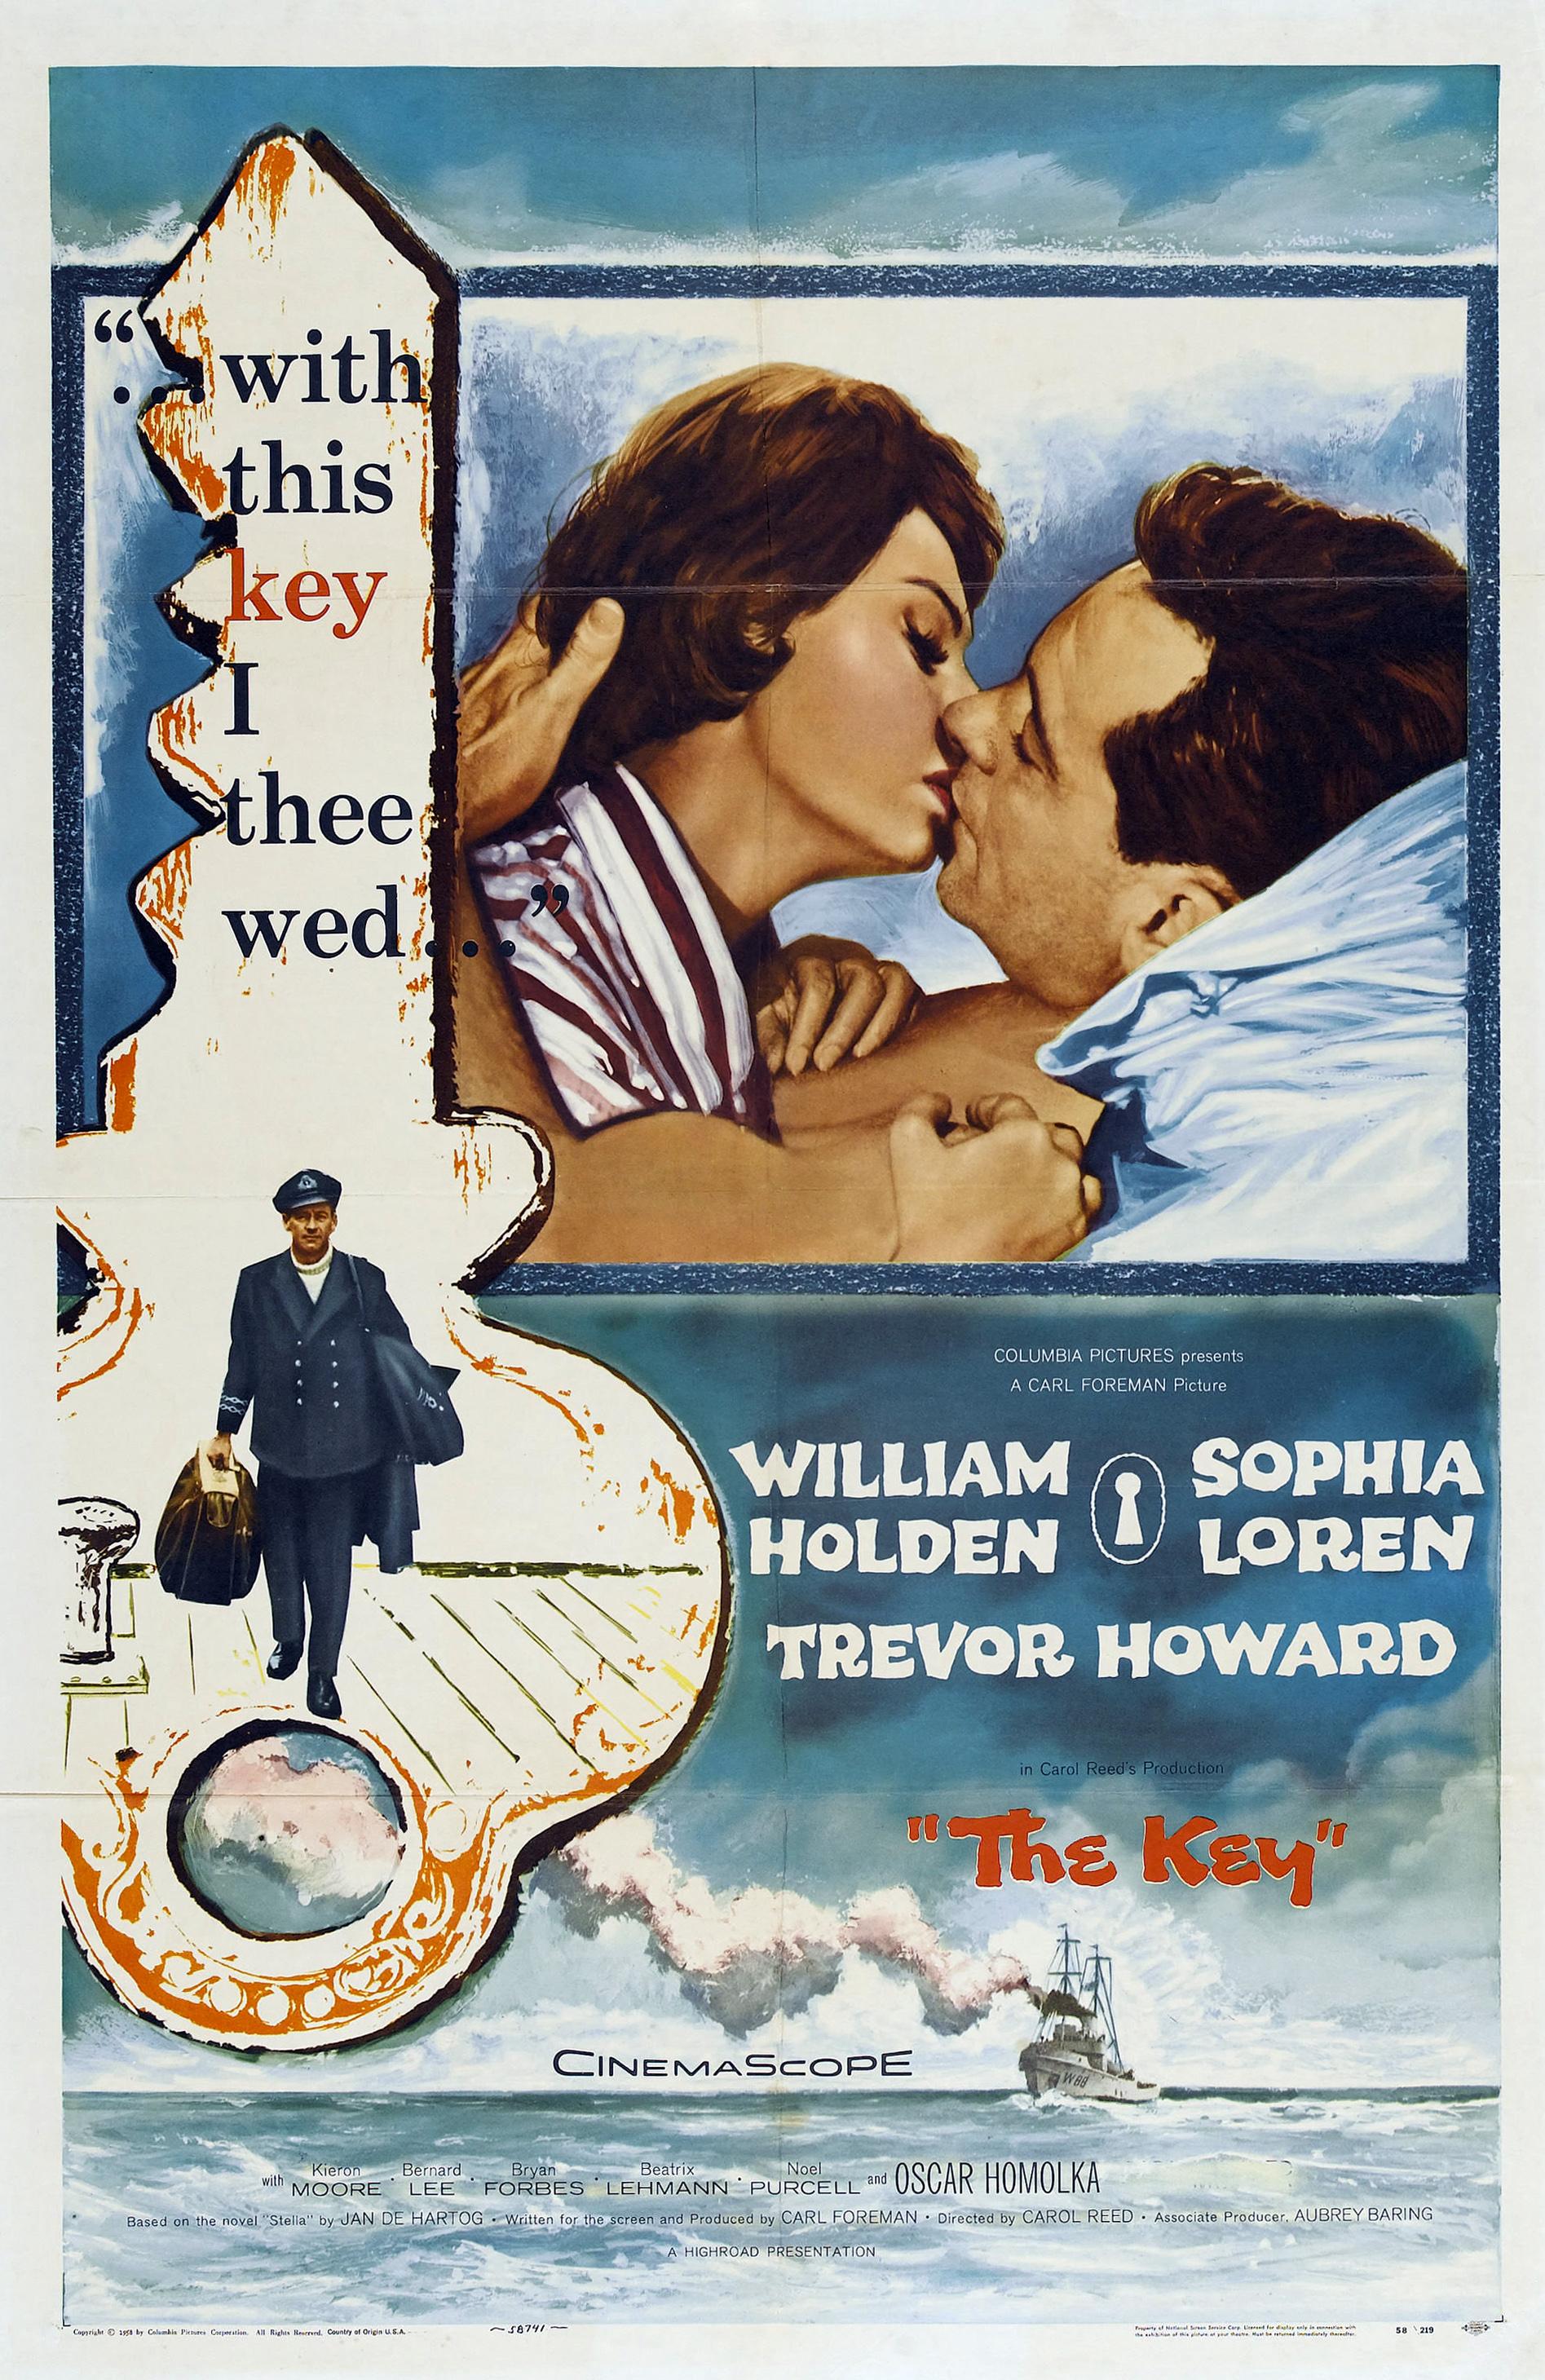 South key movie